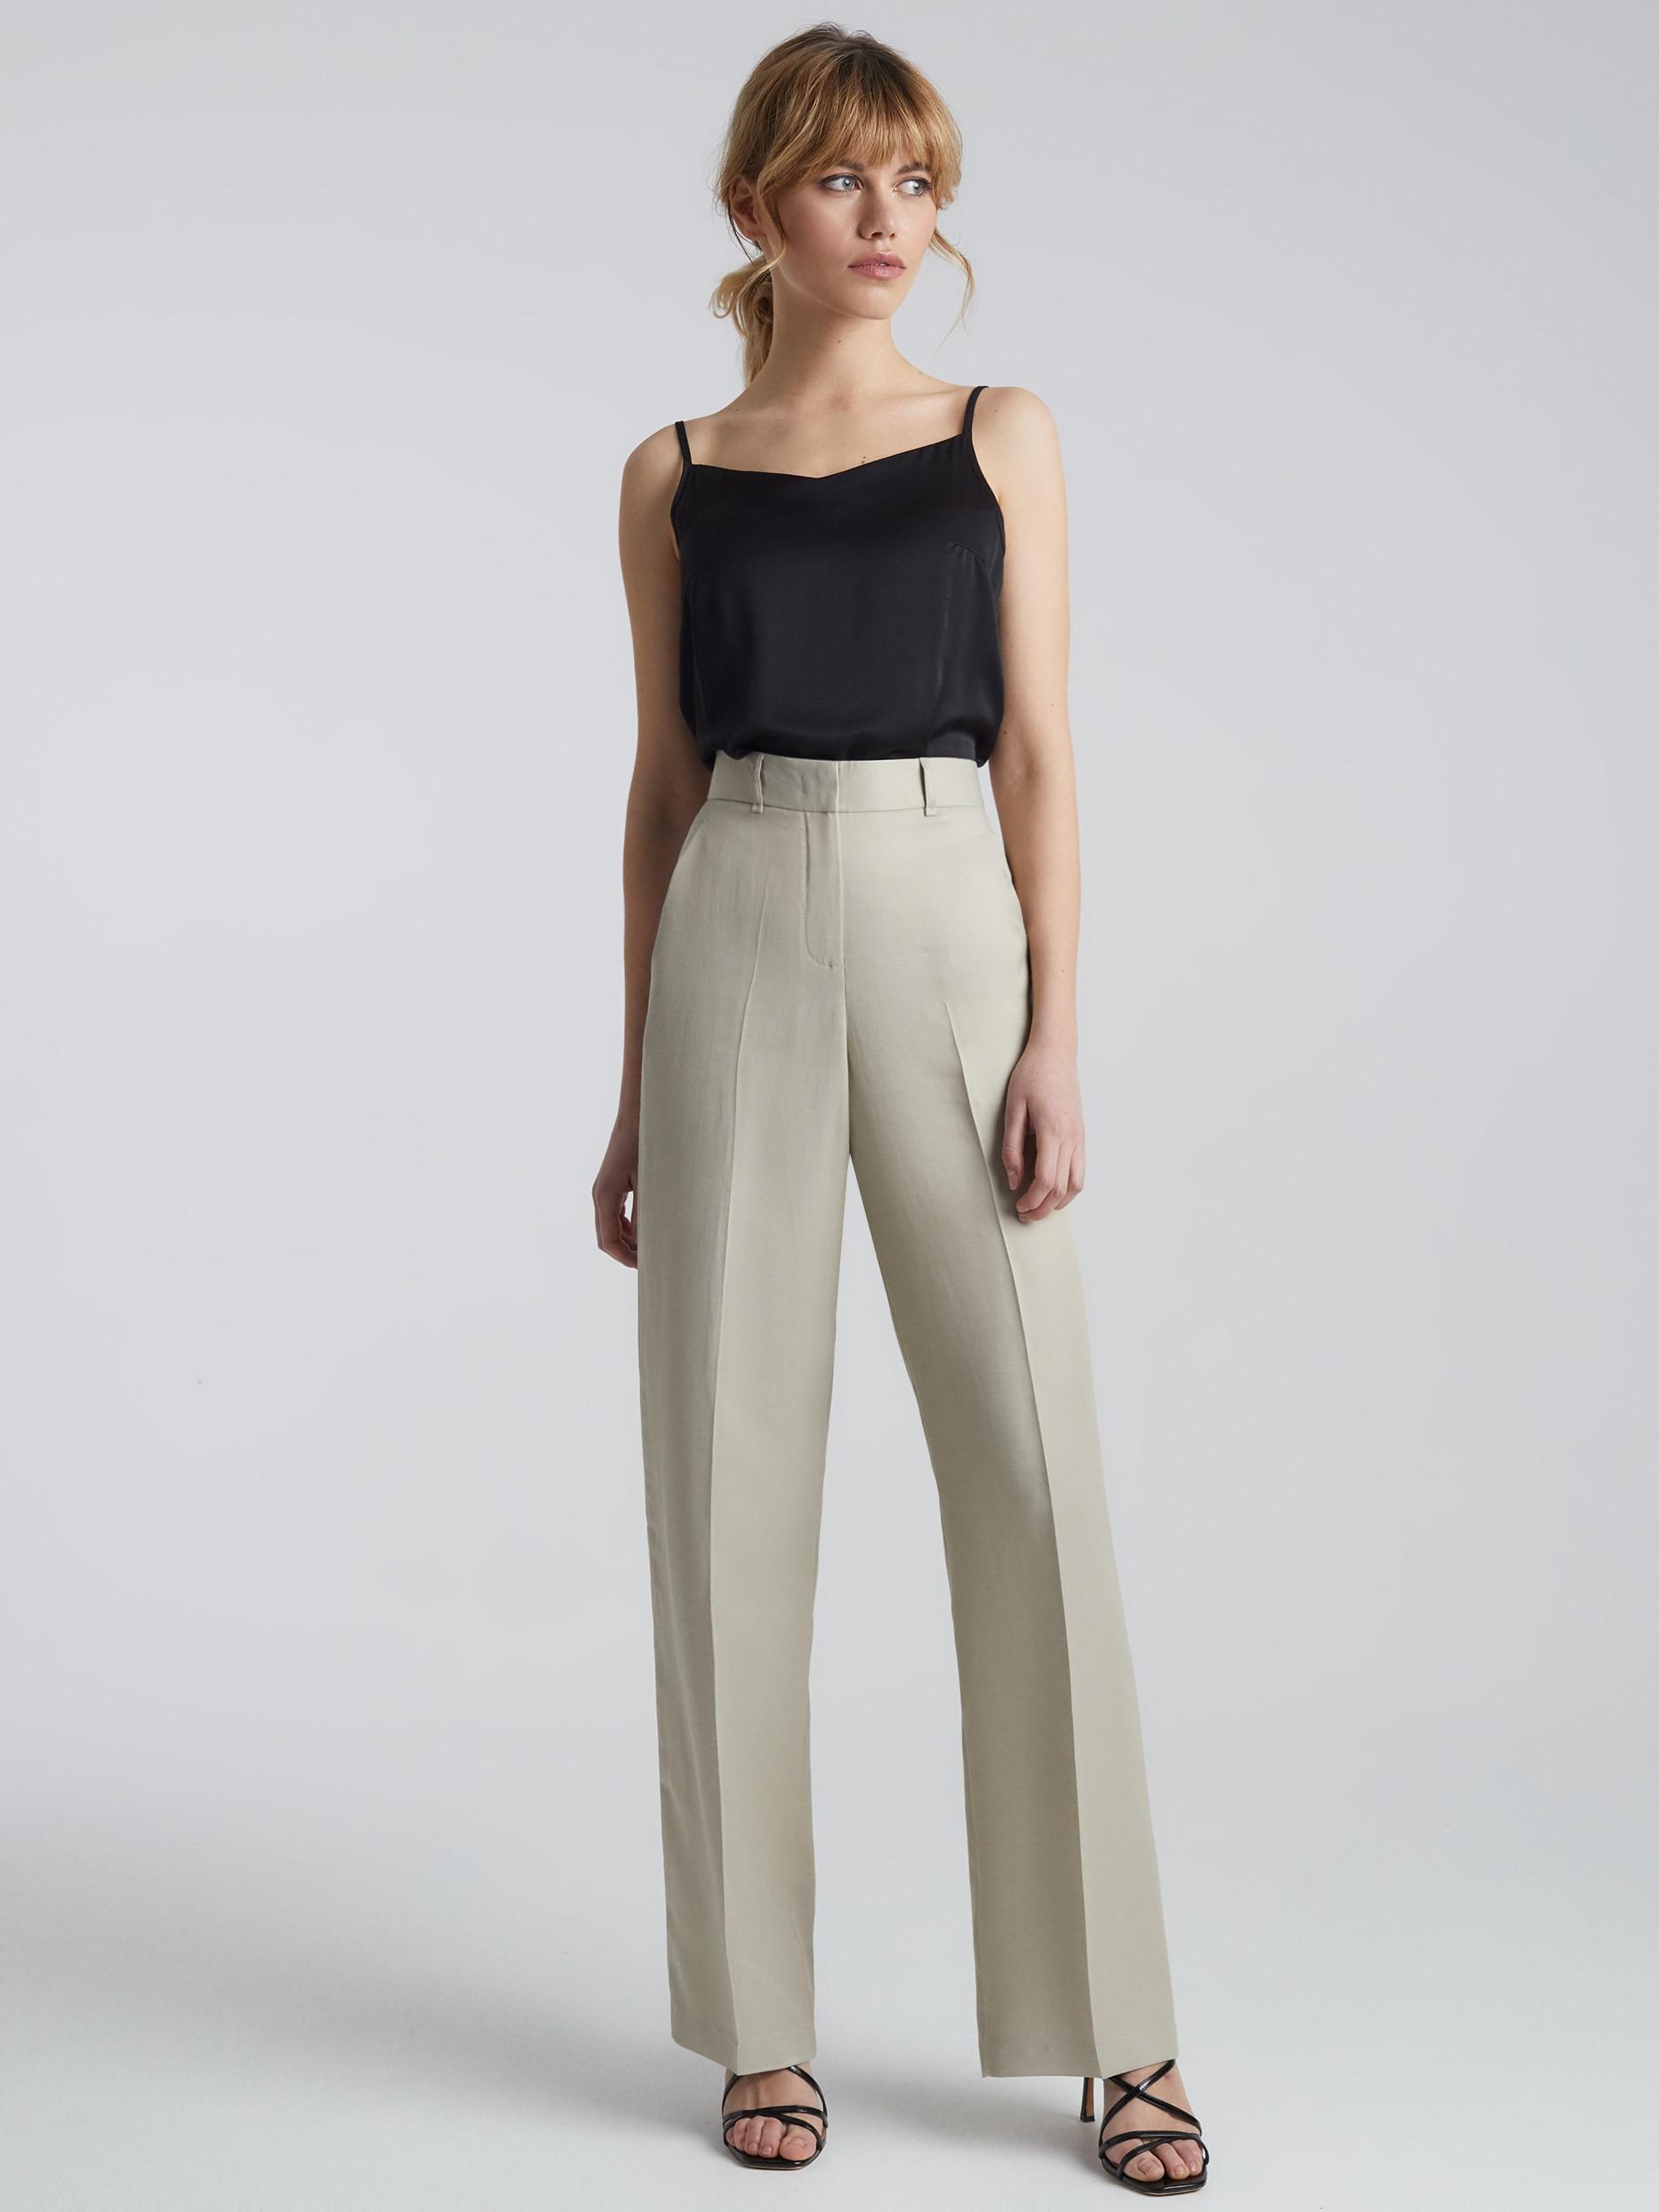 Широкие брюки Charuel с высокой посадкой